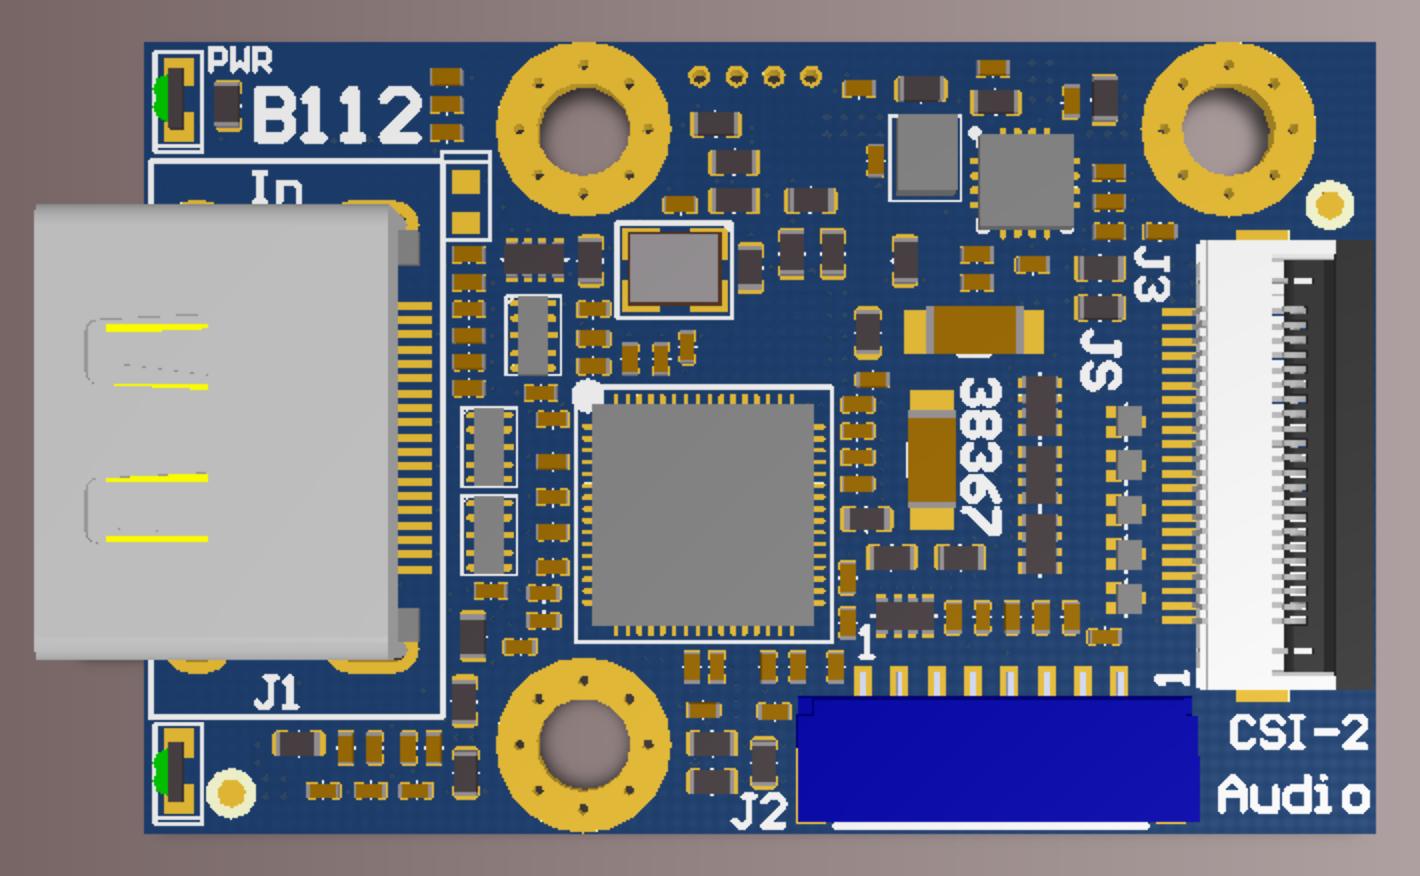 B112 4k HDMI to CSI-2 bridge